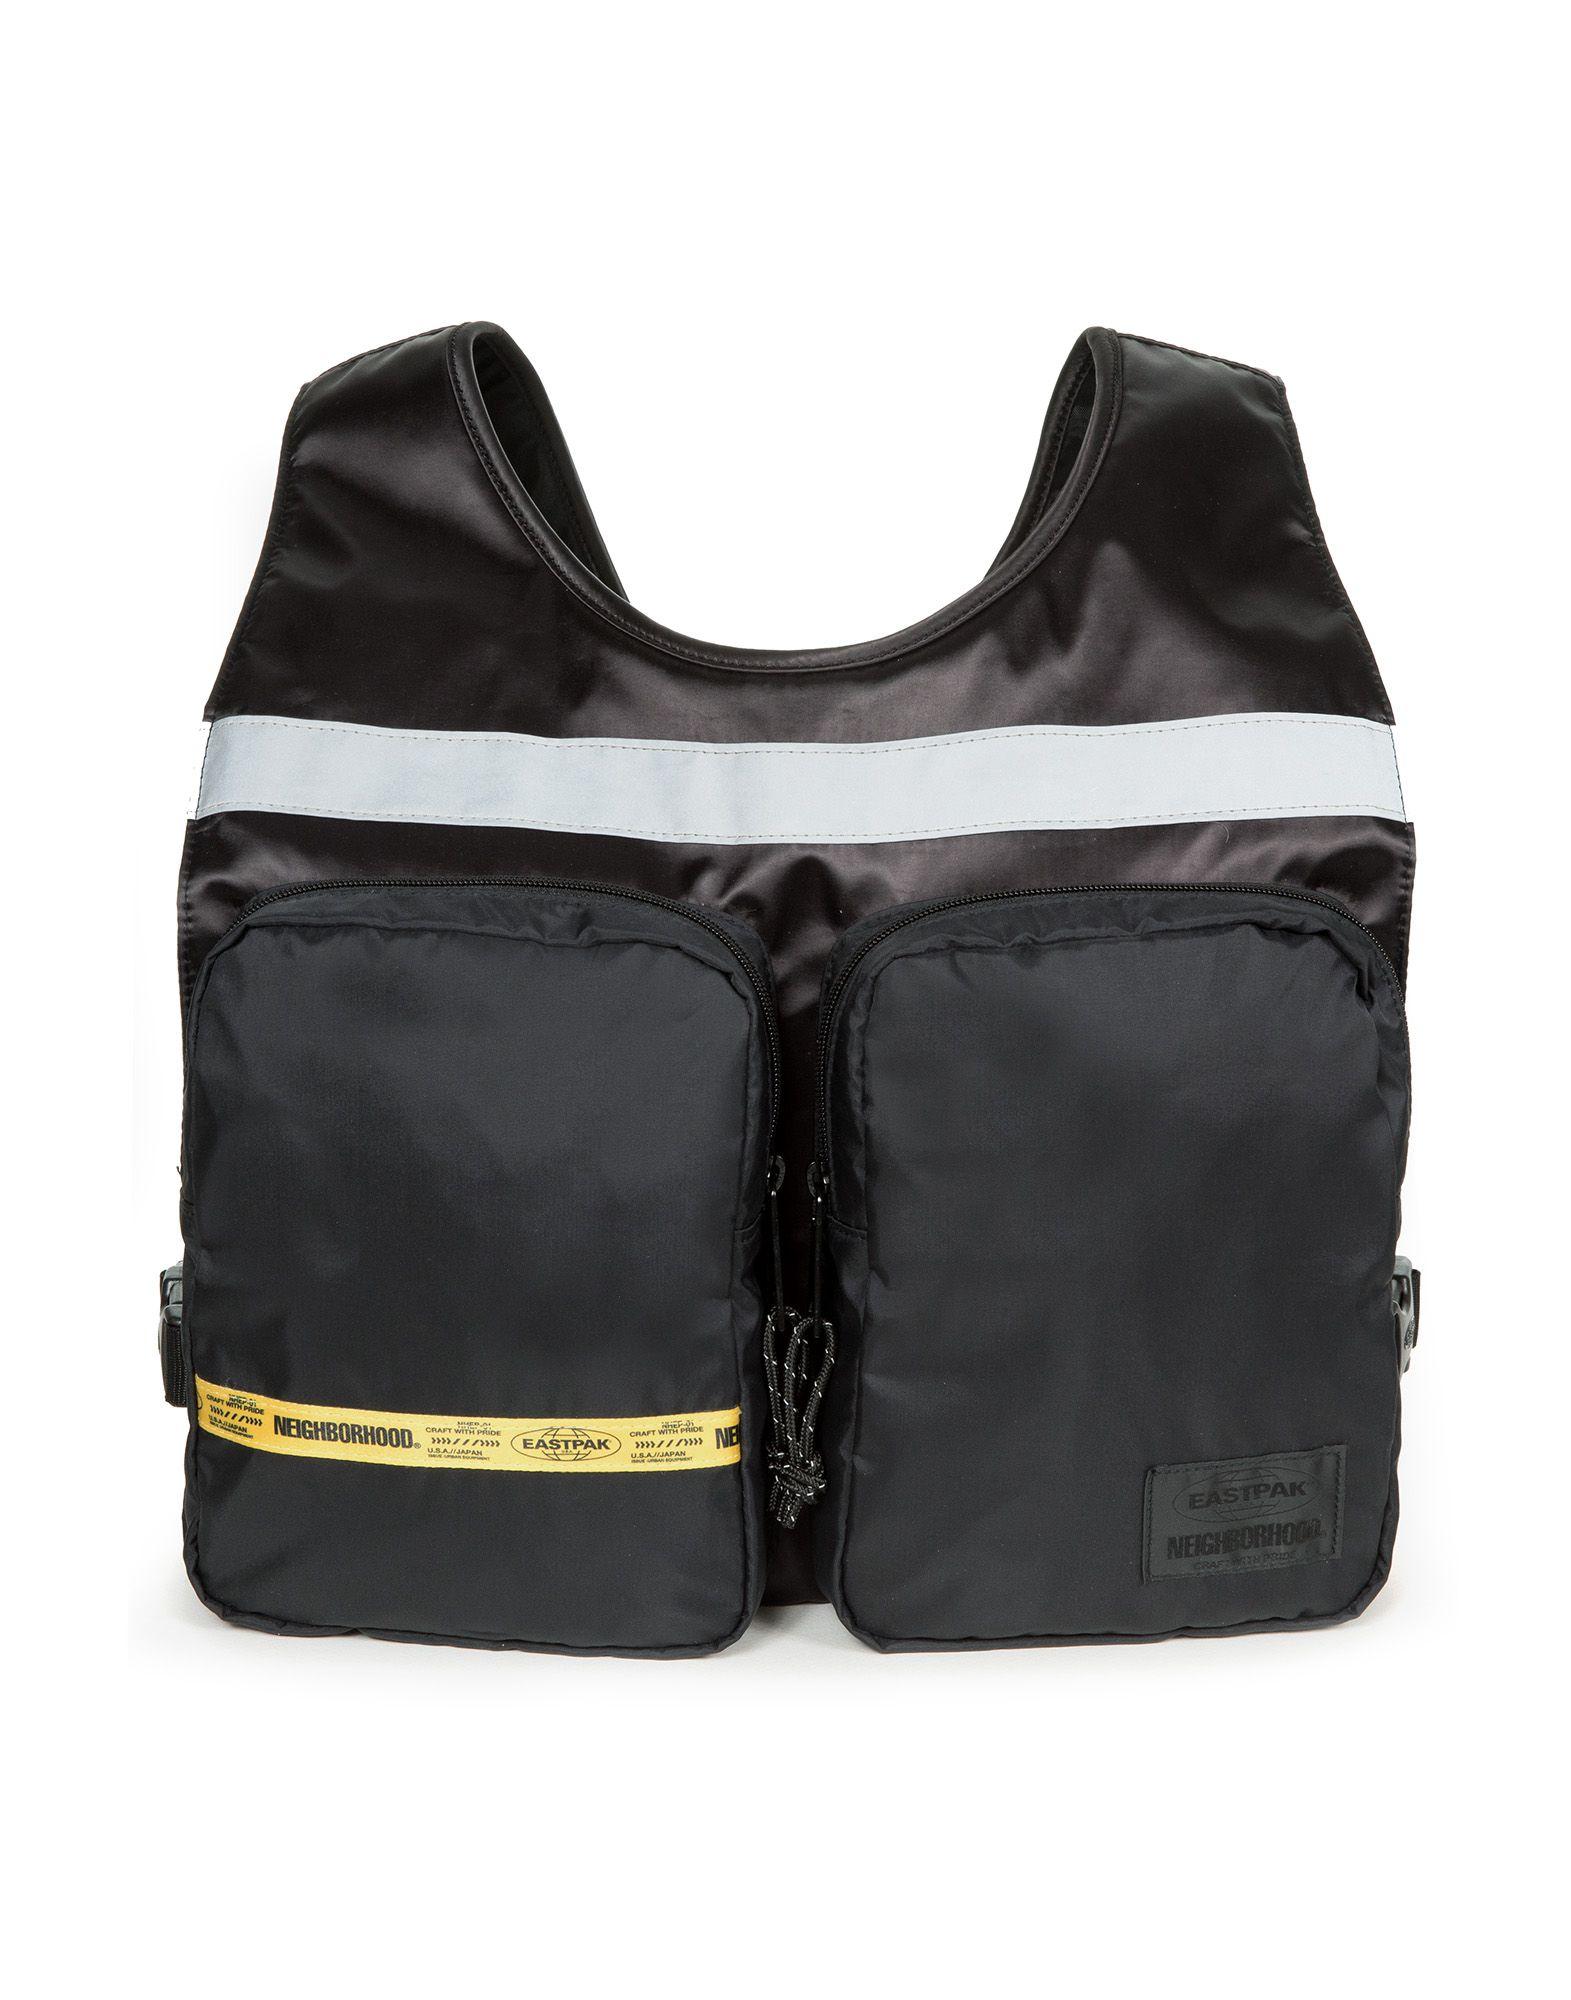 EASTPAK x NEIGHBORHOOD Рюкзаки и сумки на пояс